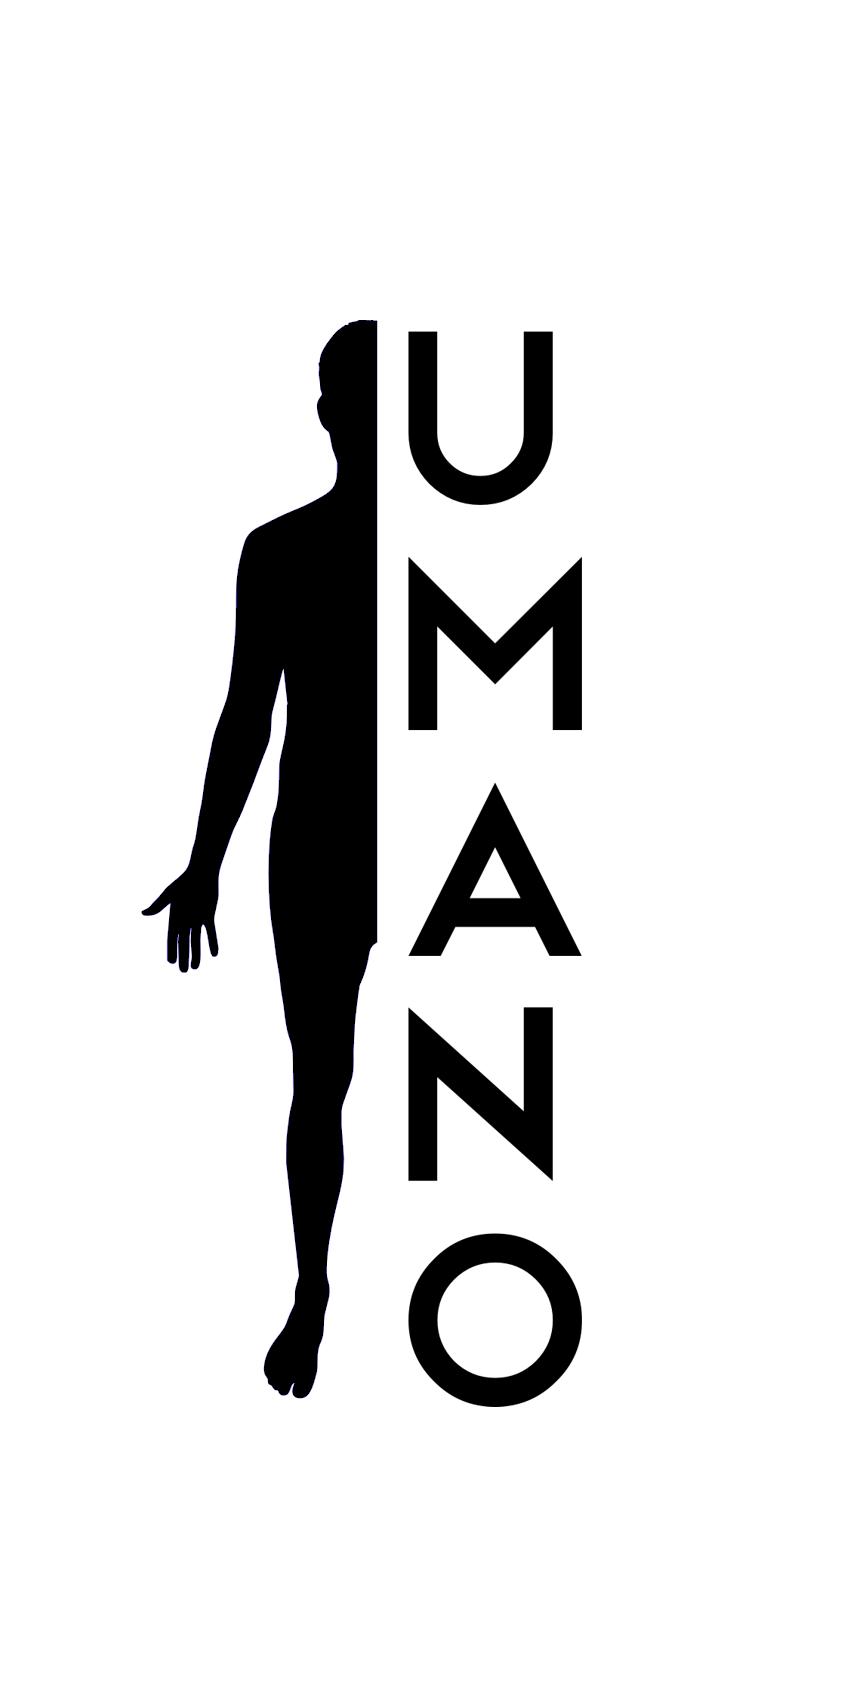 humano-logo11.png